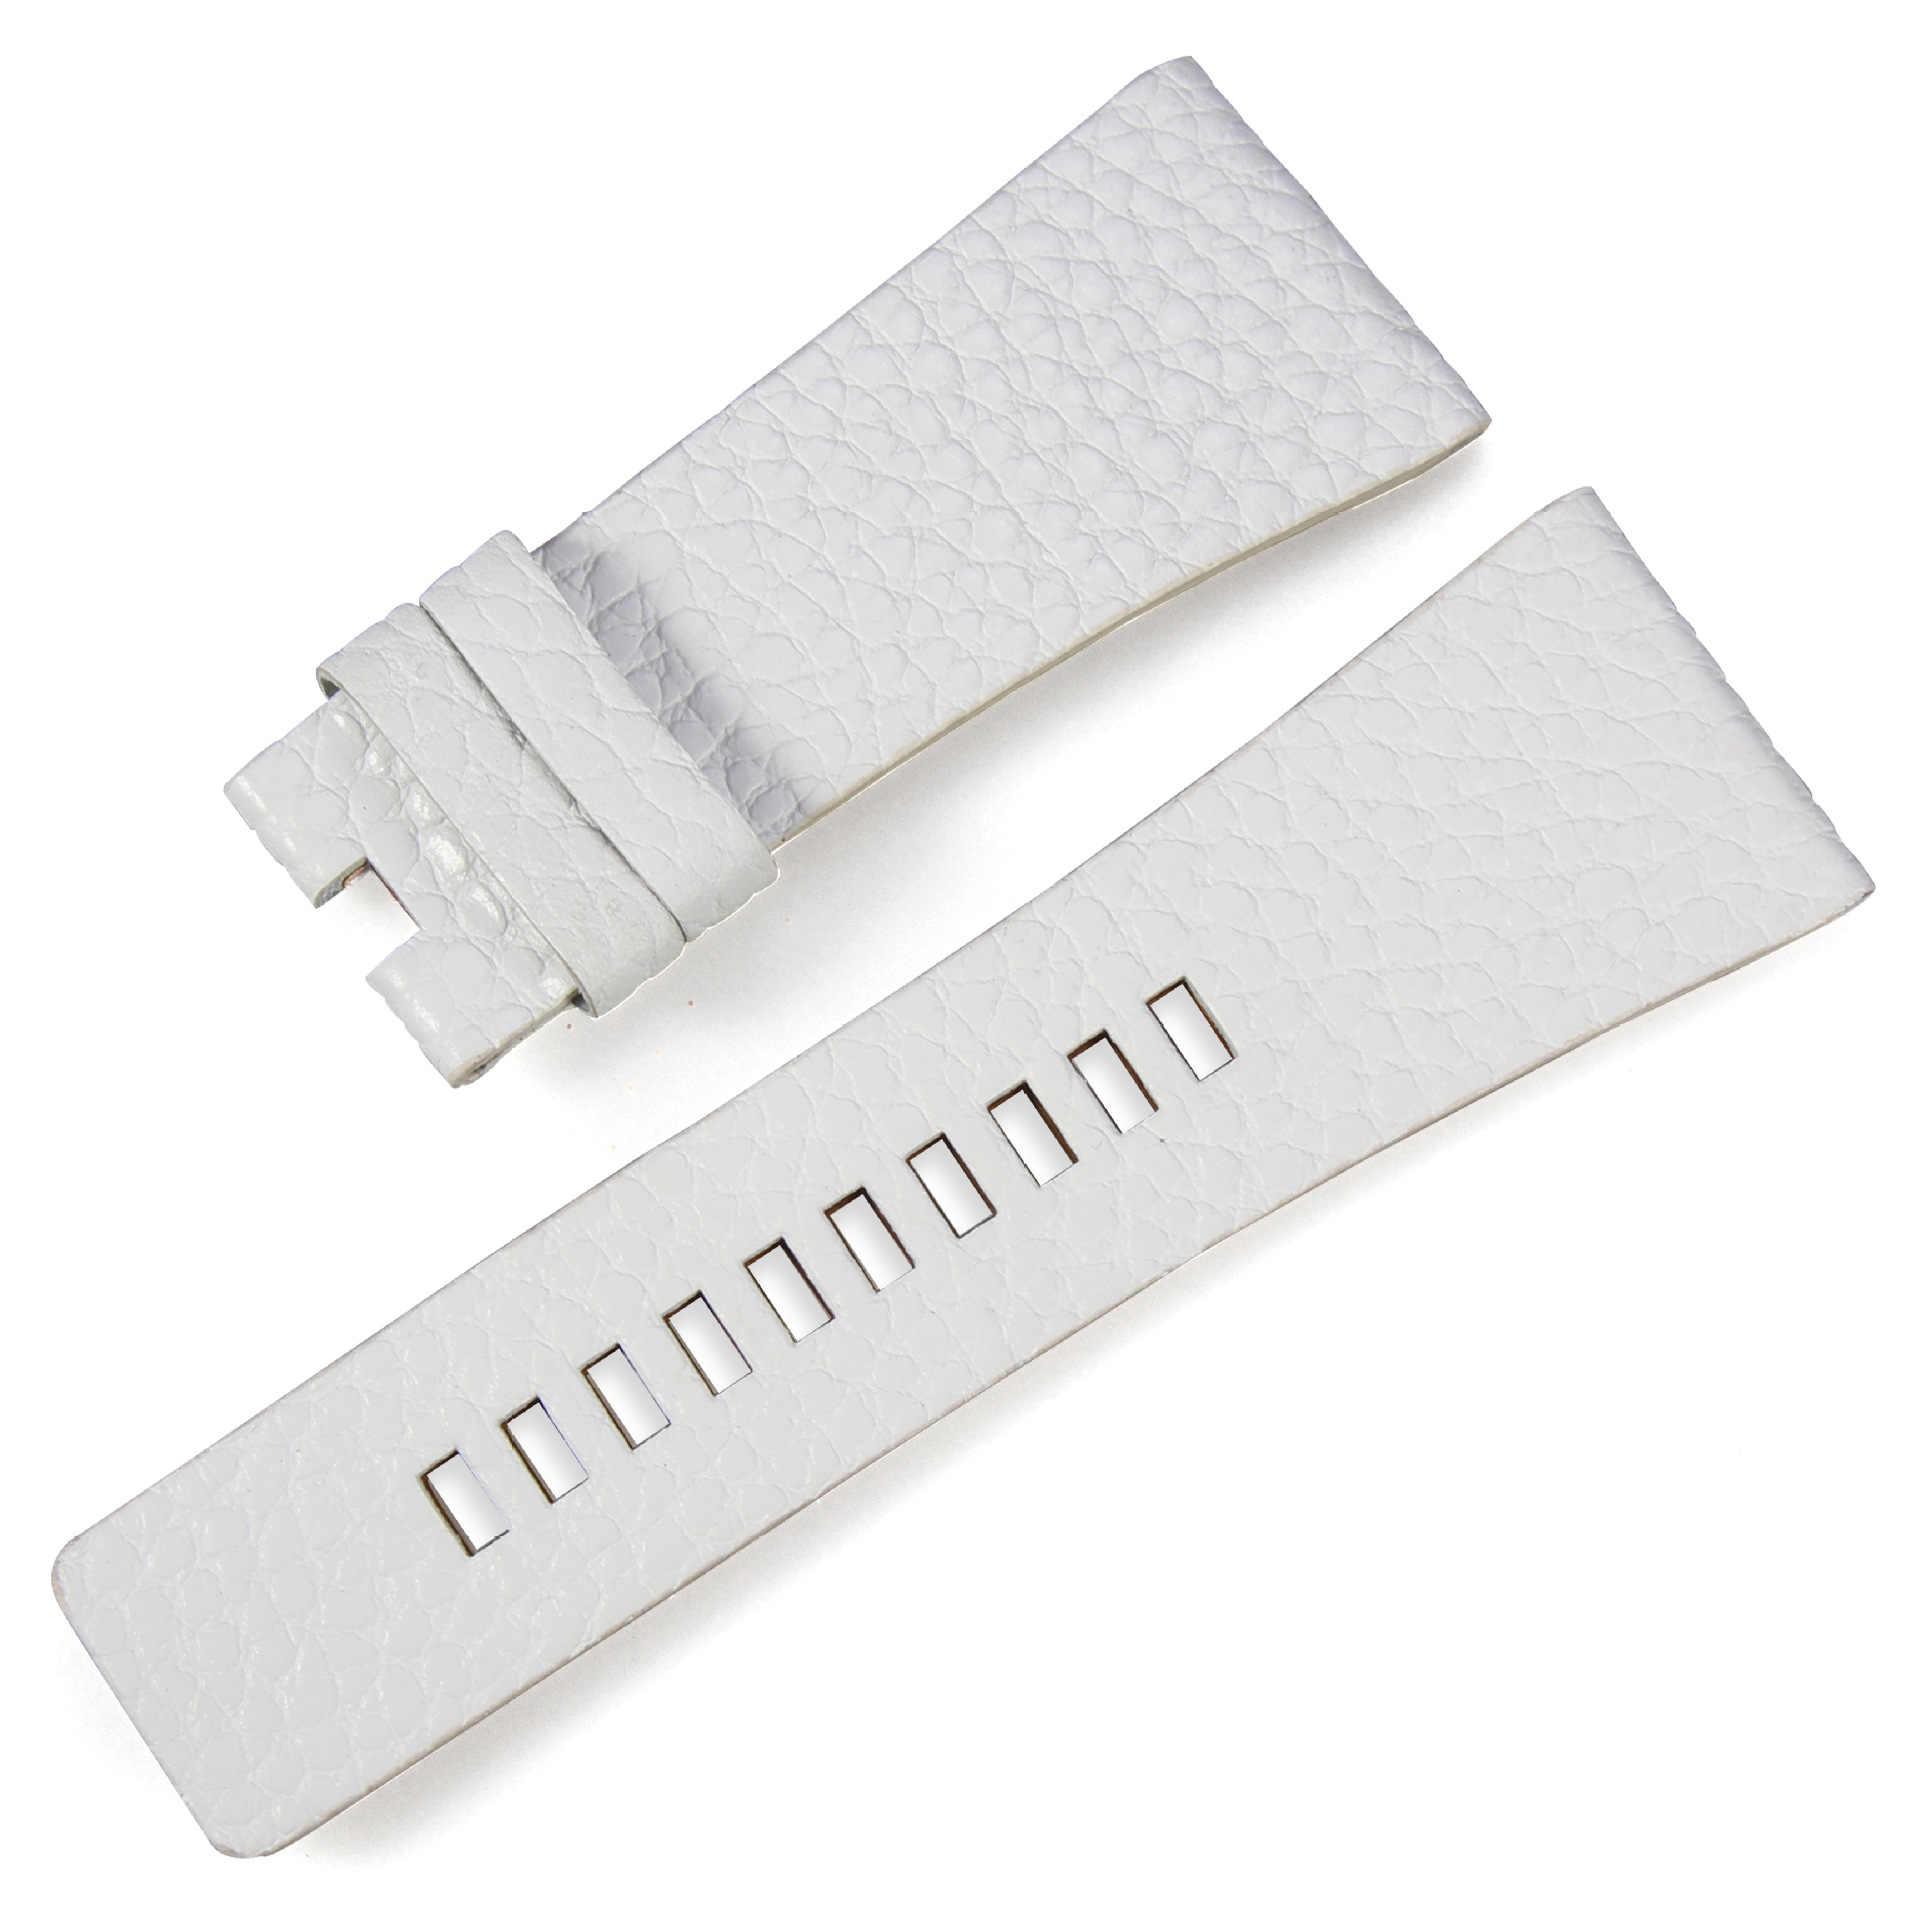 Correa de cuero genuino blanca con textura litchi para reloj diésel de 24mm 26mm 28mm de marca para hombre y mujer accesorios de